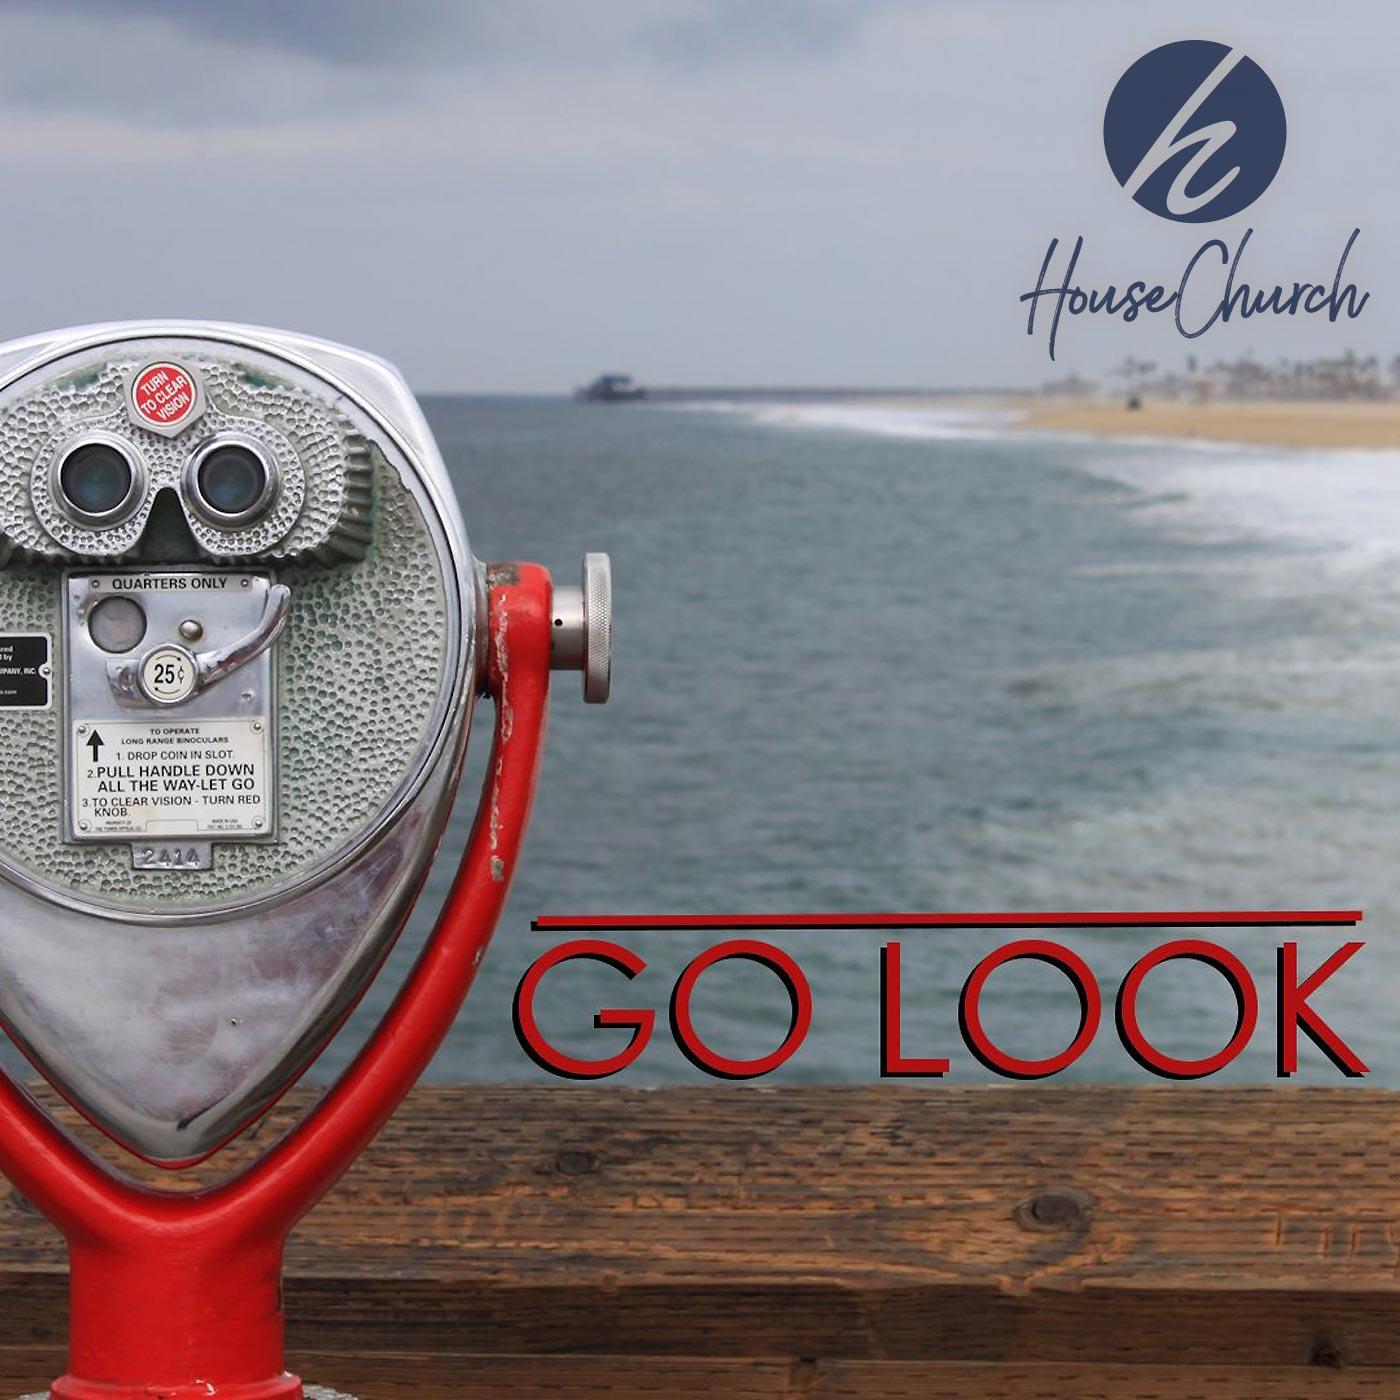 Go Look – Part 4